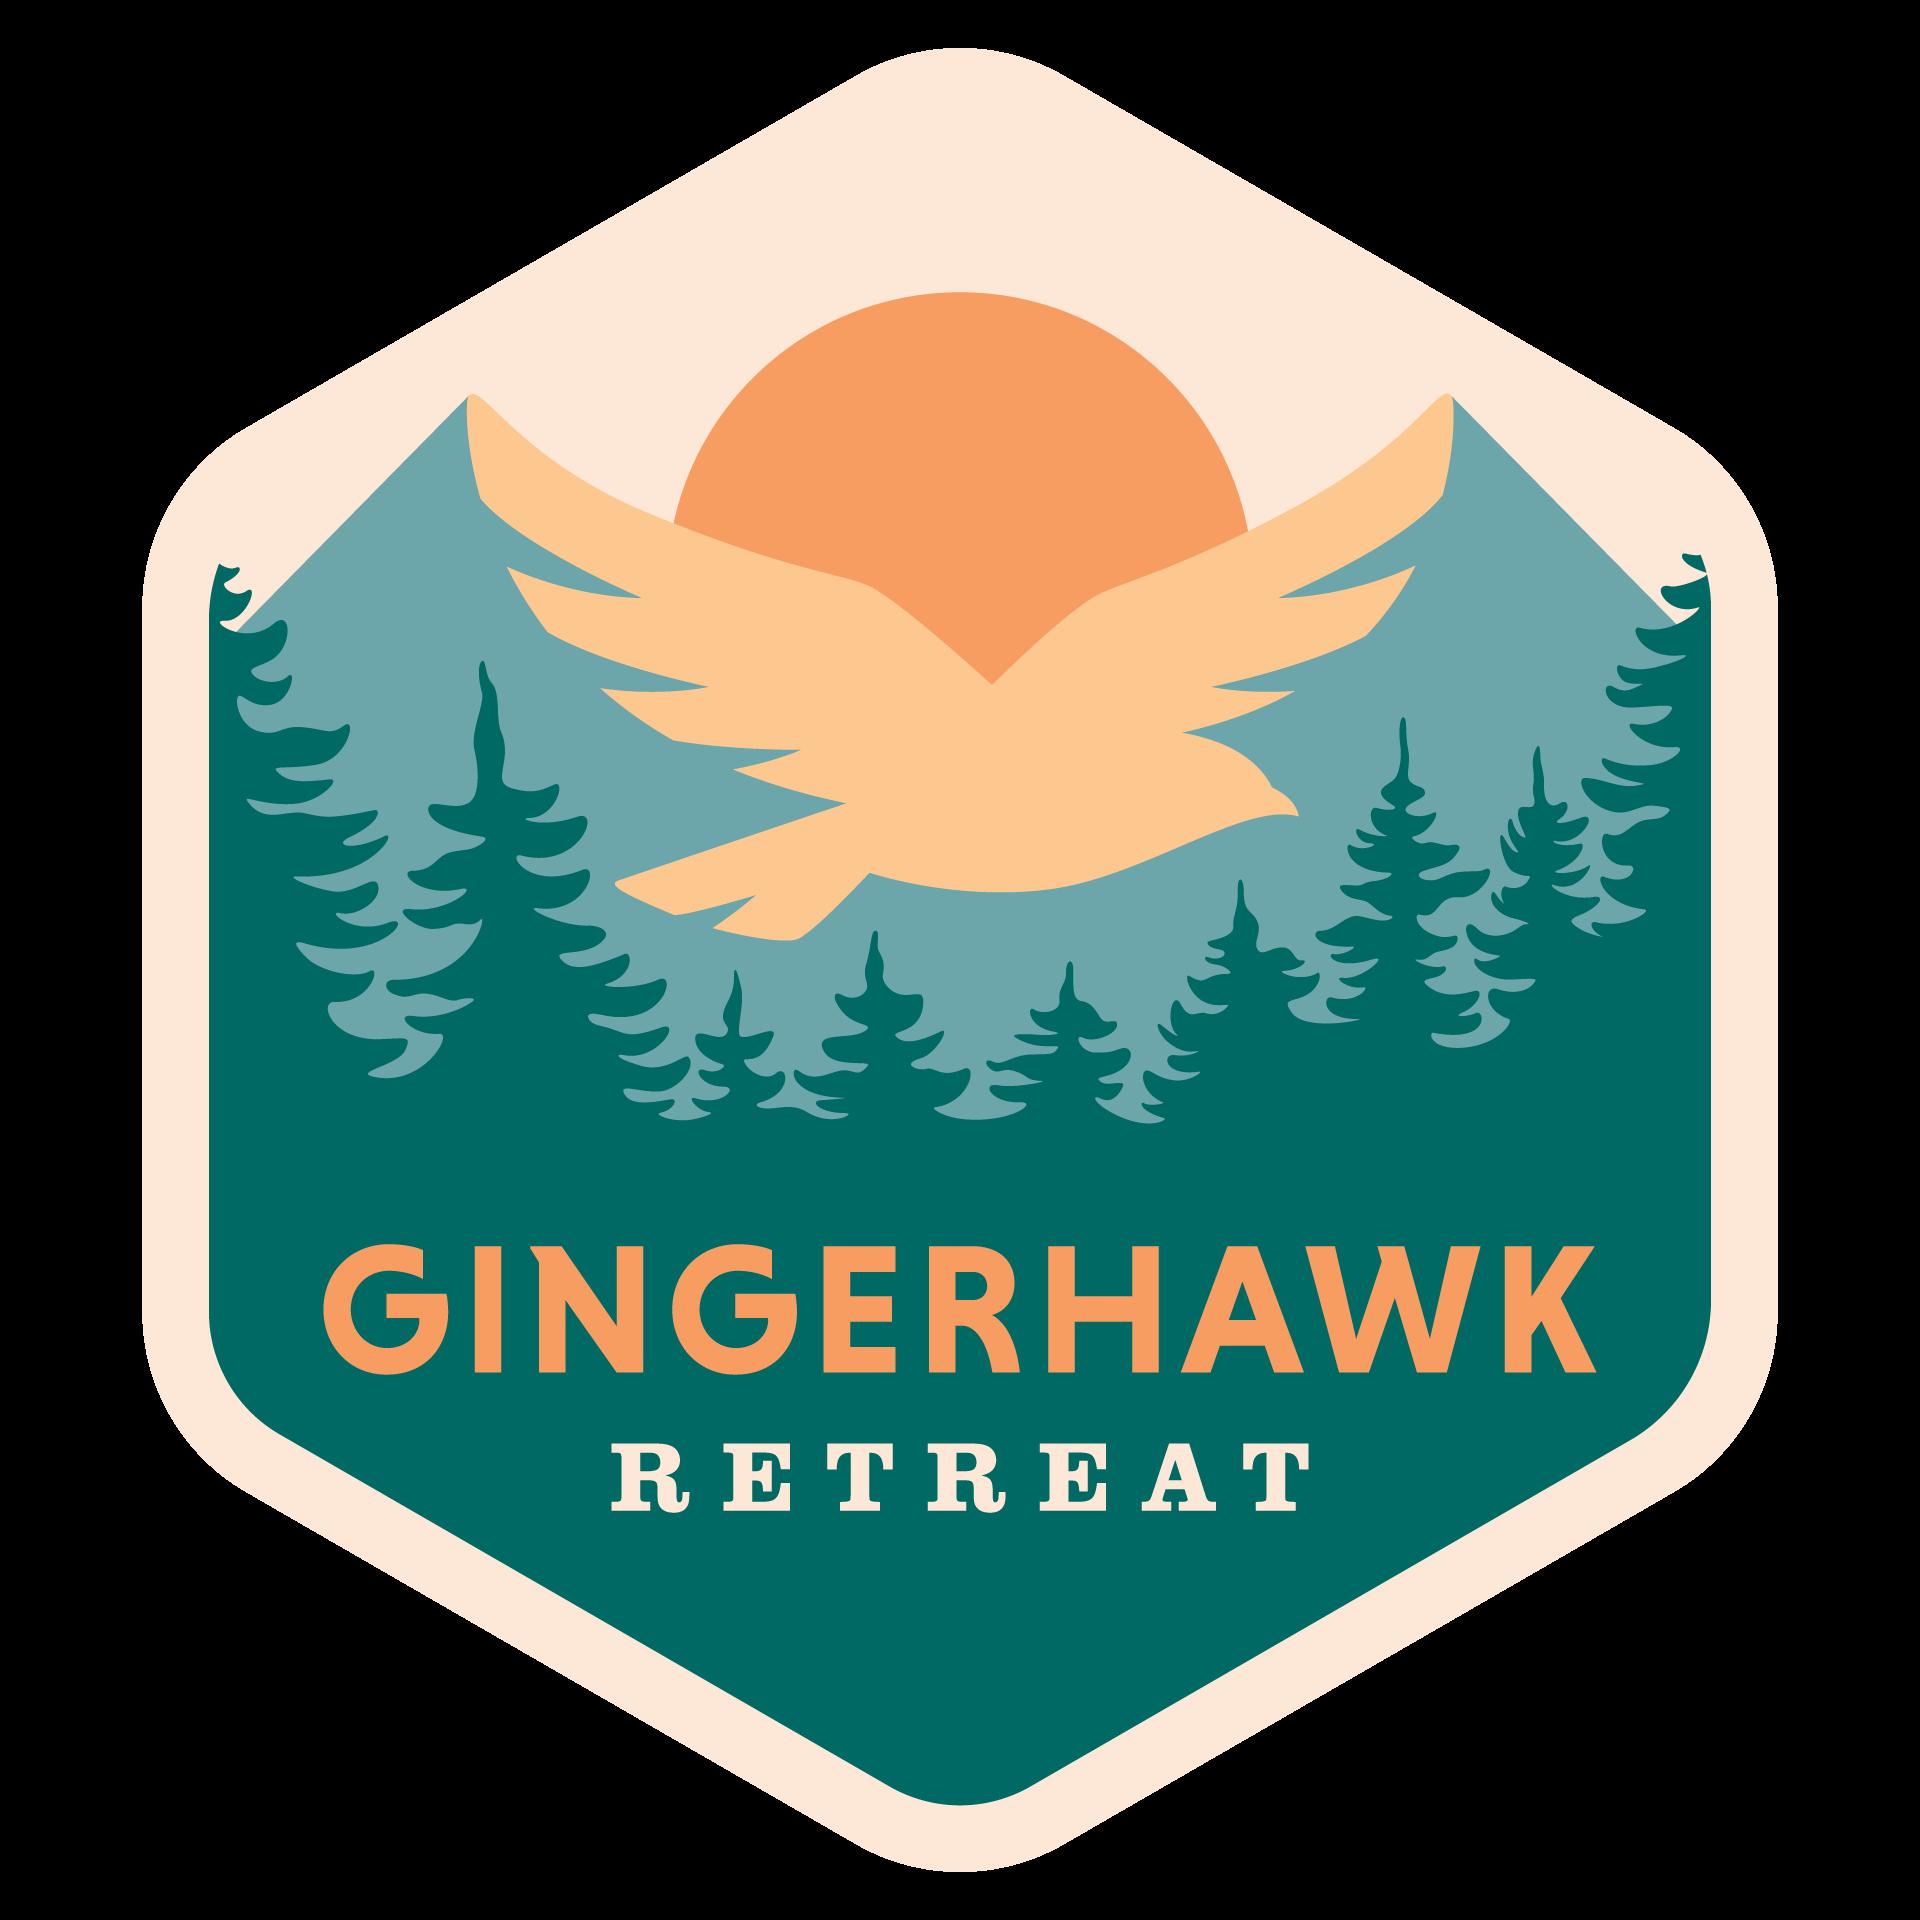 gingerhawk_logo_RGB_web_1920x1920px